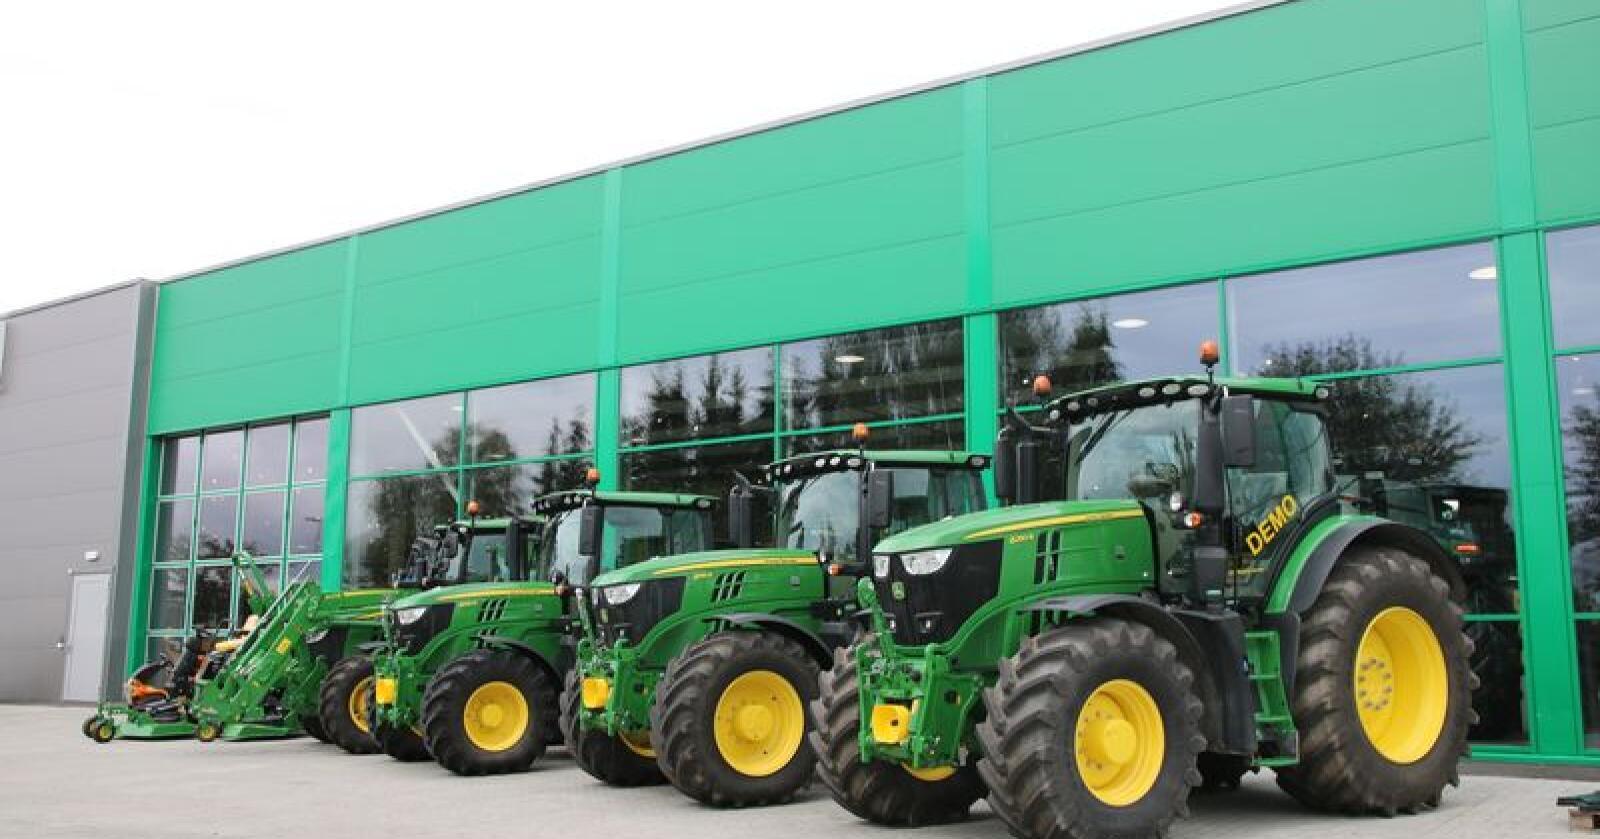 Det blir full corona-stopp på internatinale landbruksmesser for John Deere